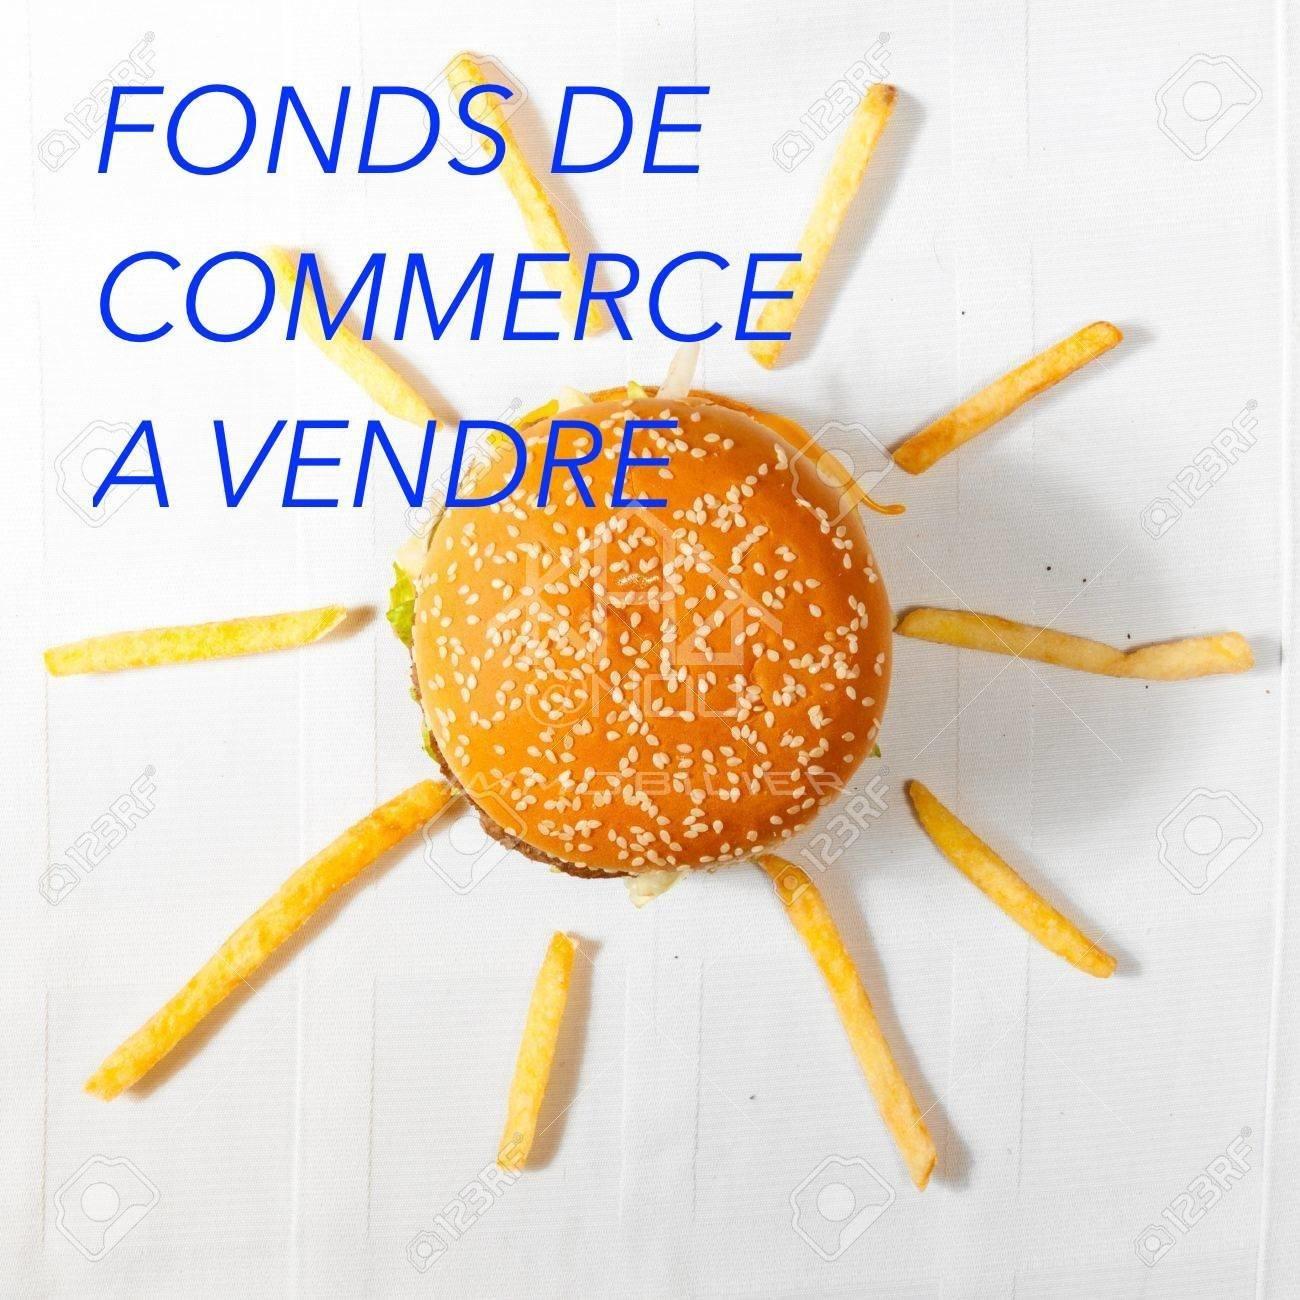 Fonds de commerce - Saint-Pierre